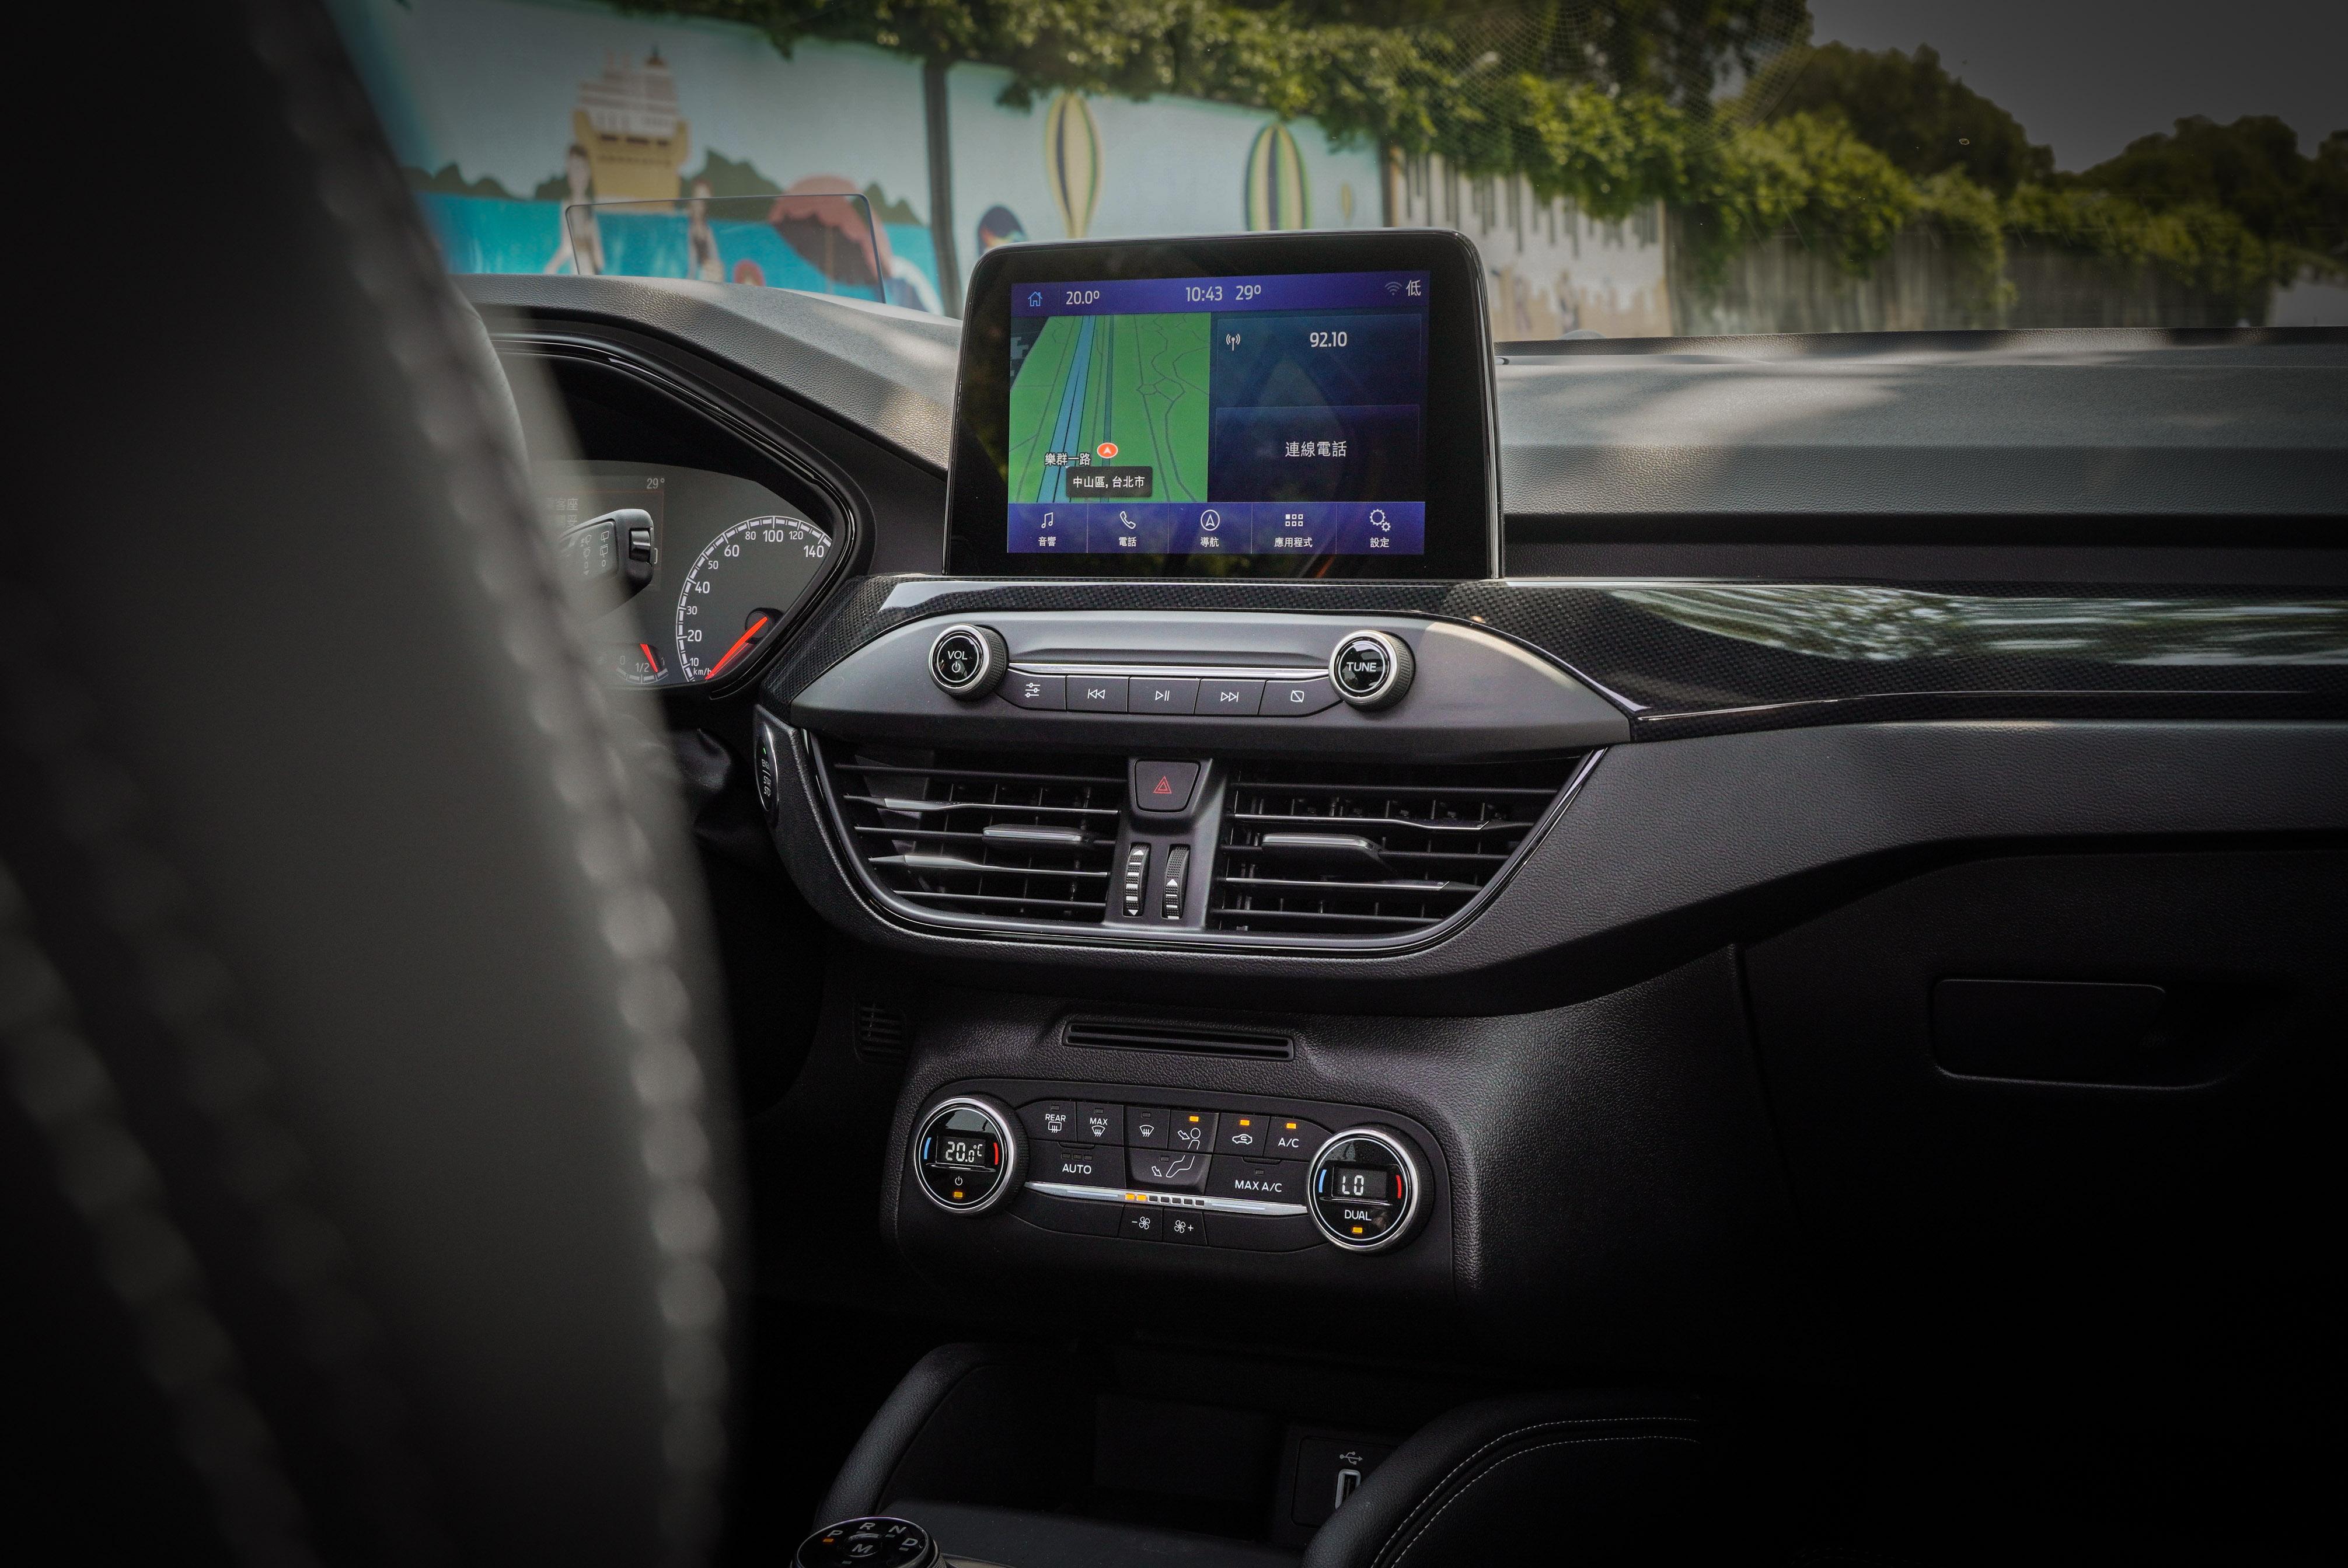 8 吋觸控式中控螢幕支援 Apple CarPlay、Android Auto 系統,另標配原廠中文導航系統。